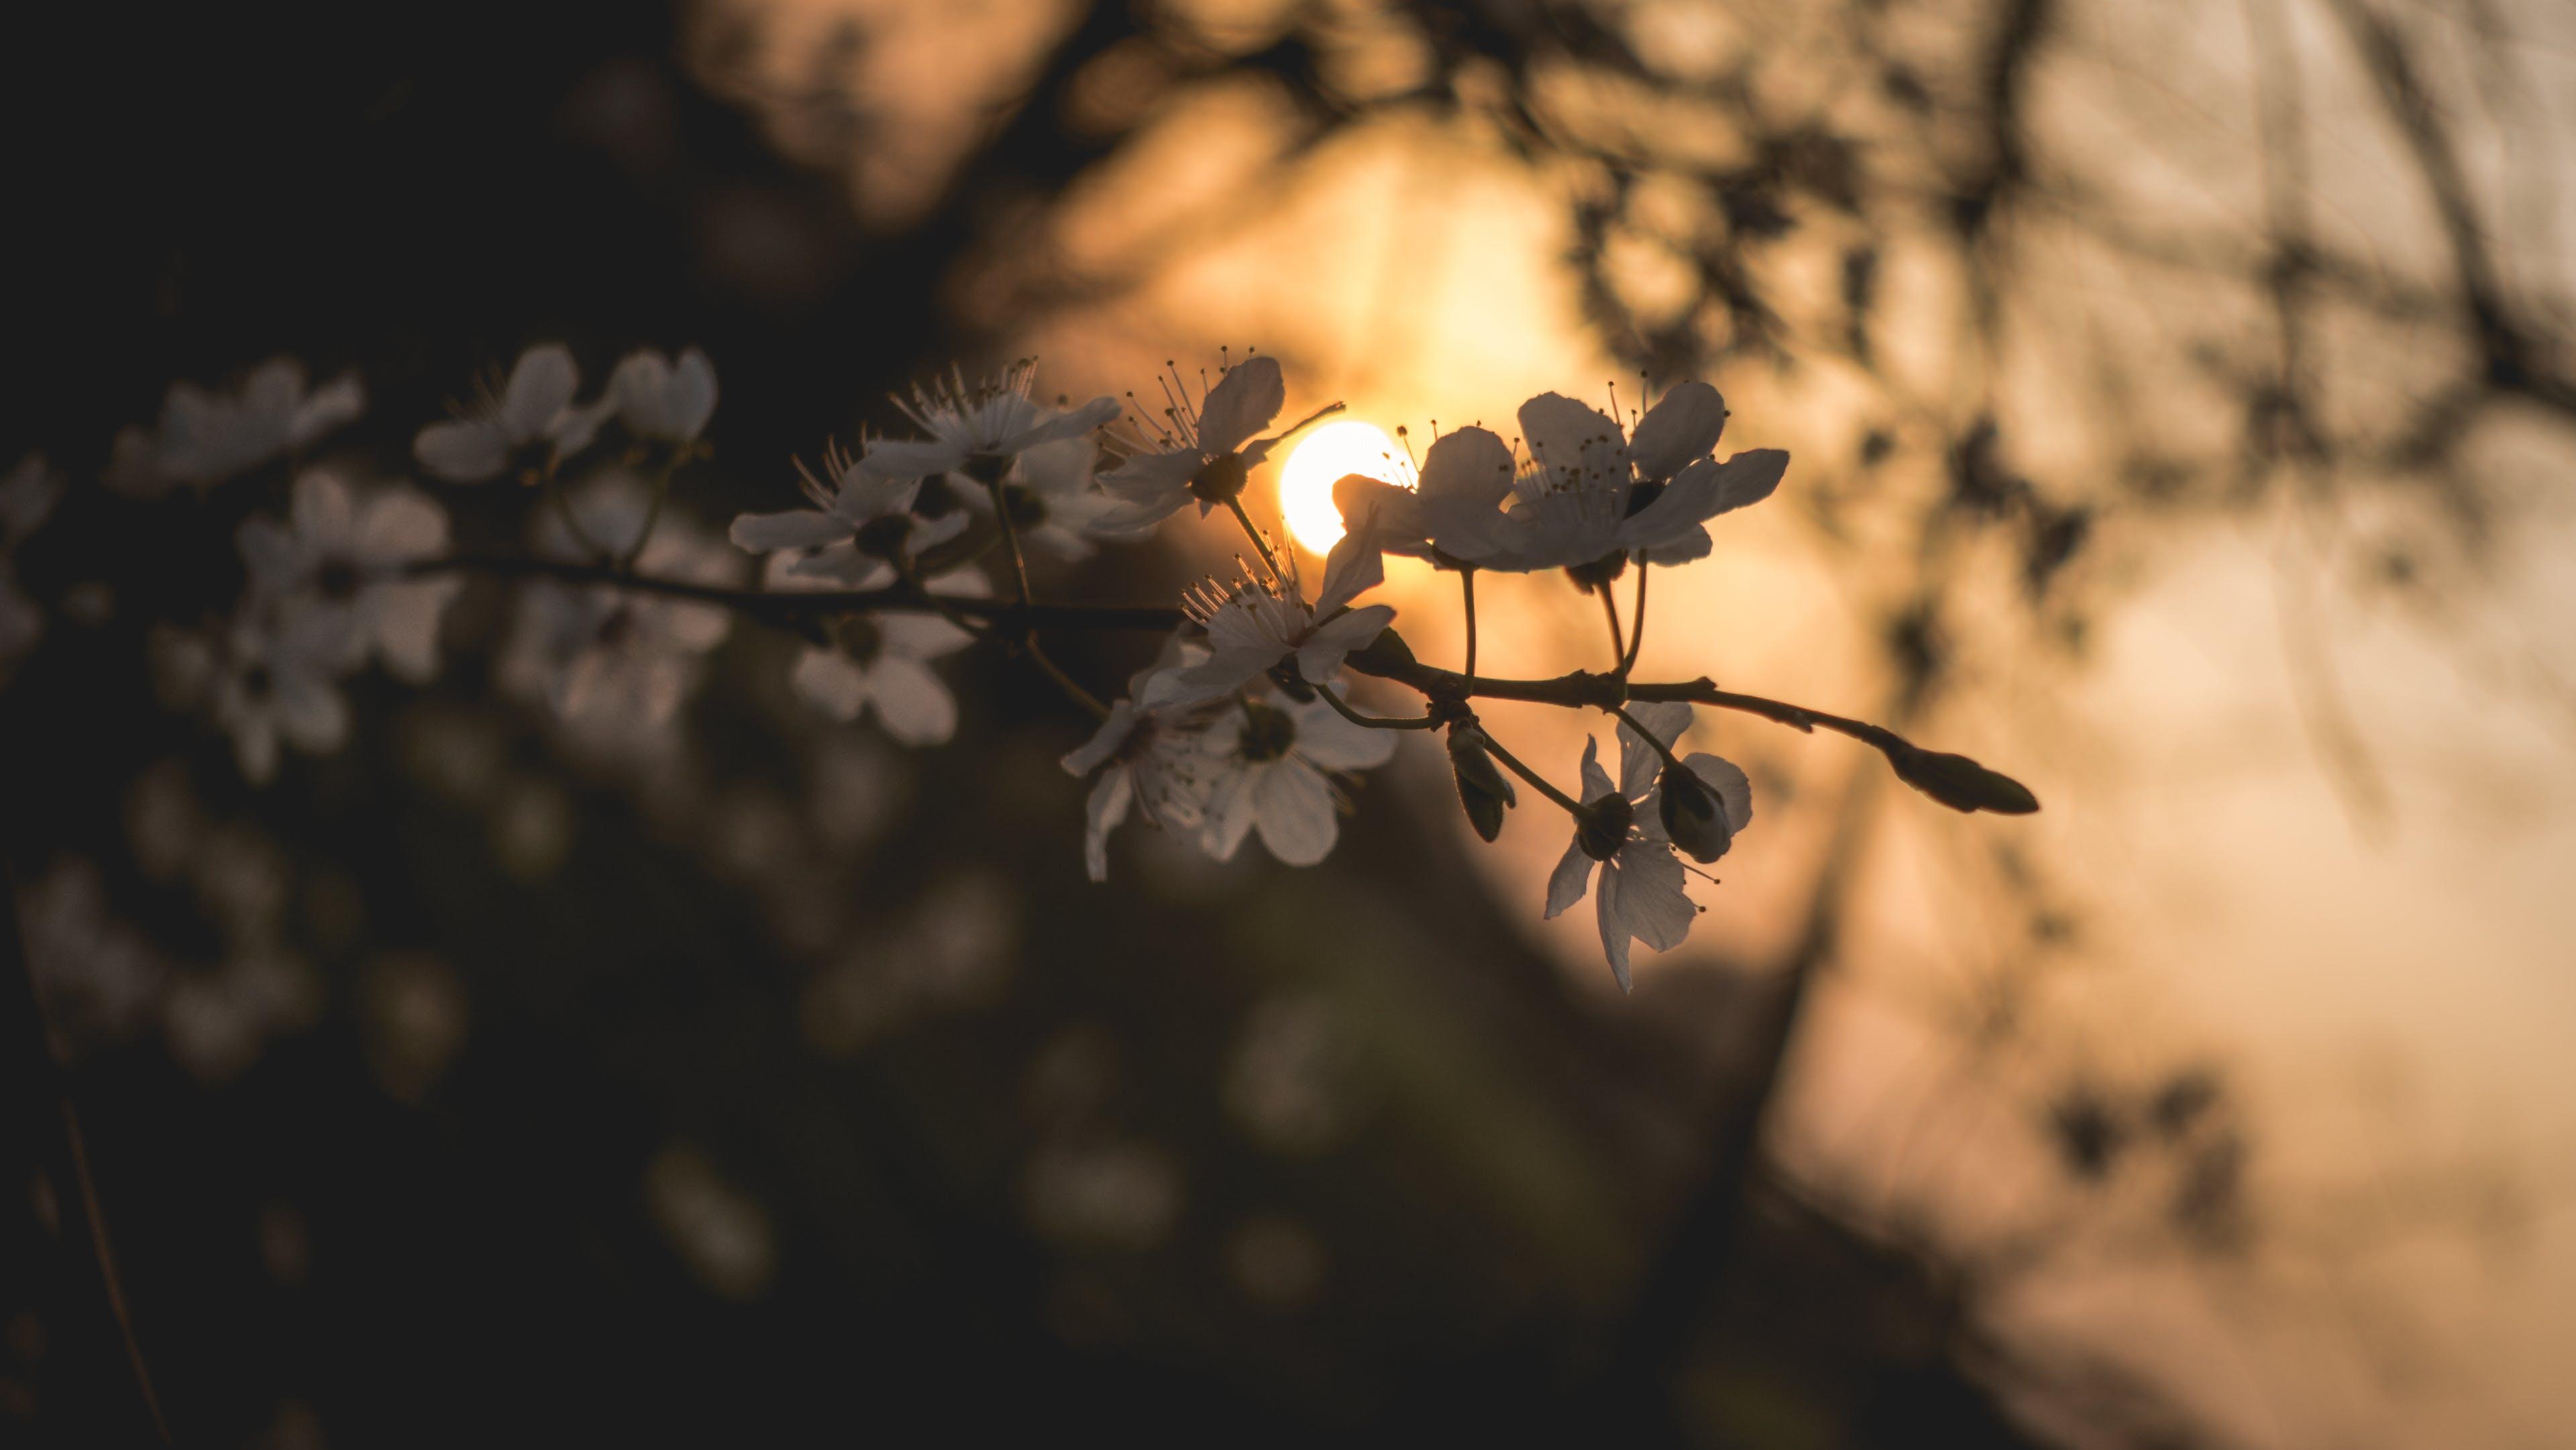 Δωρεάν στοκ φωτογραφιών με άνθηση, ανθίζω, βάθος πεδίου, δέντρο